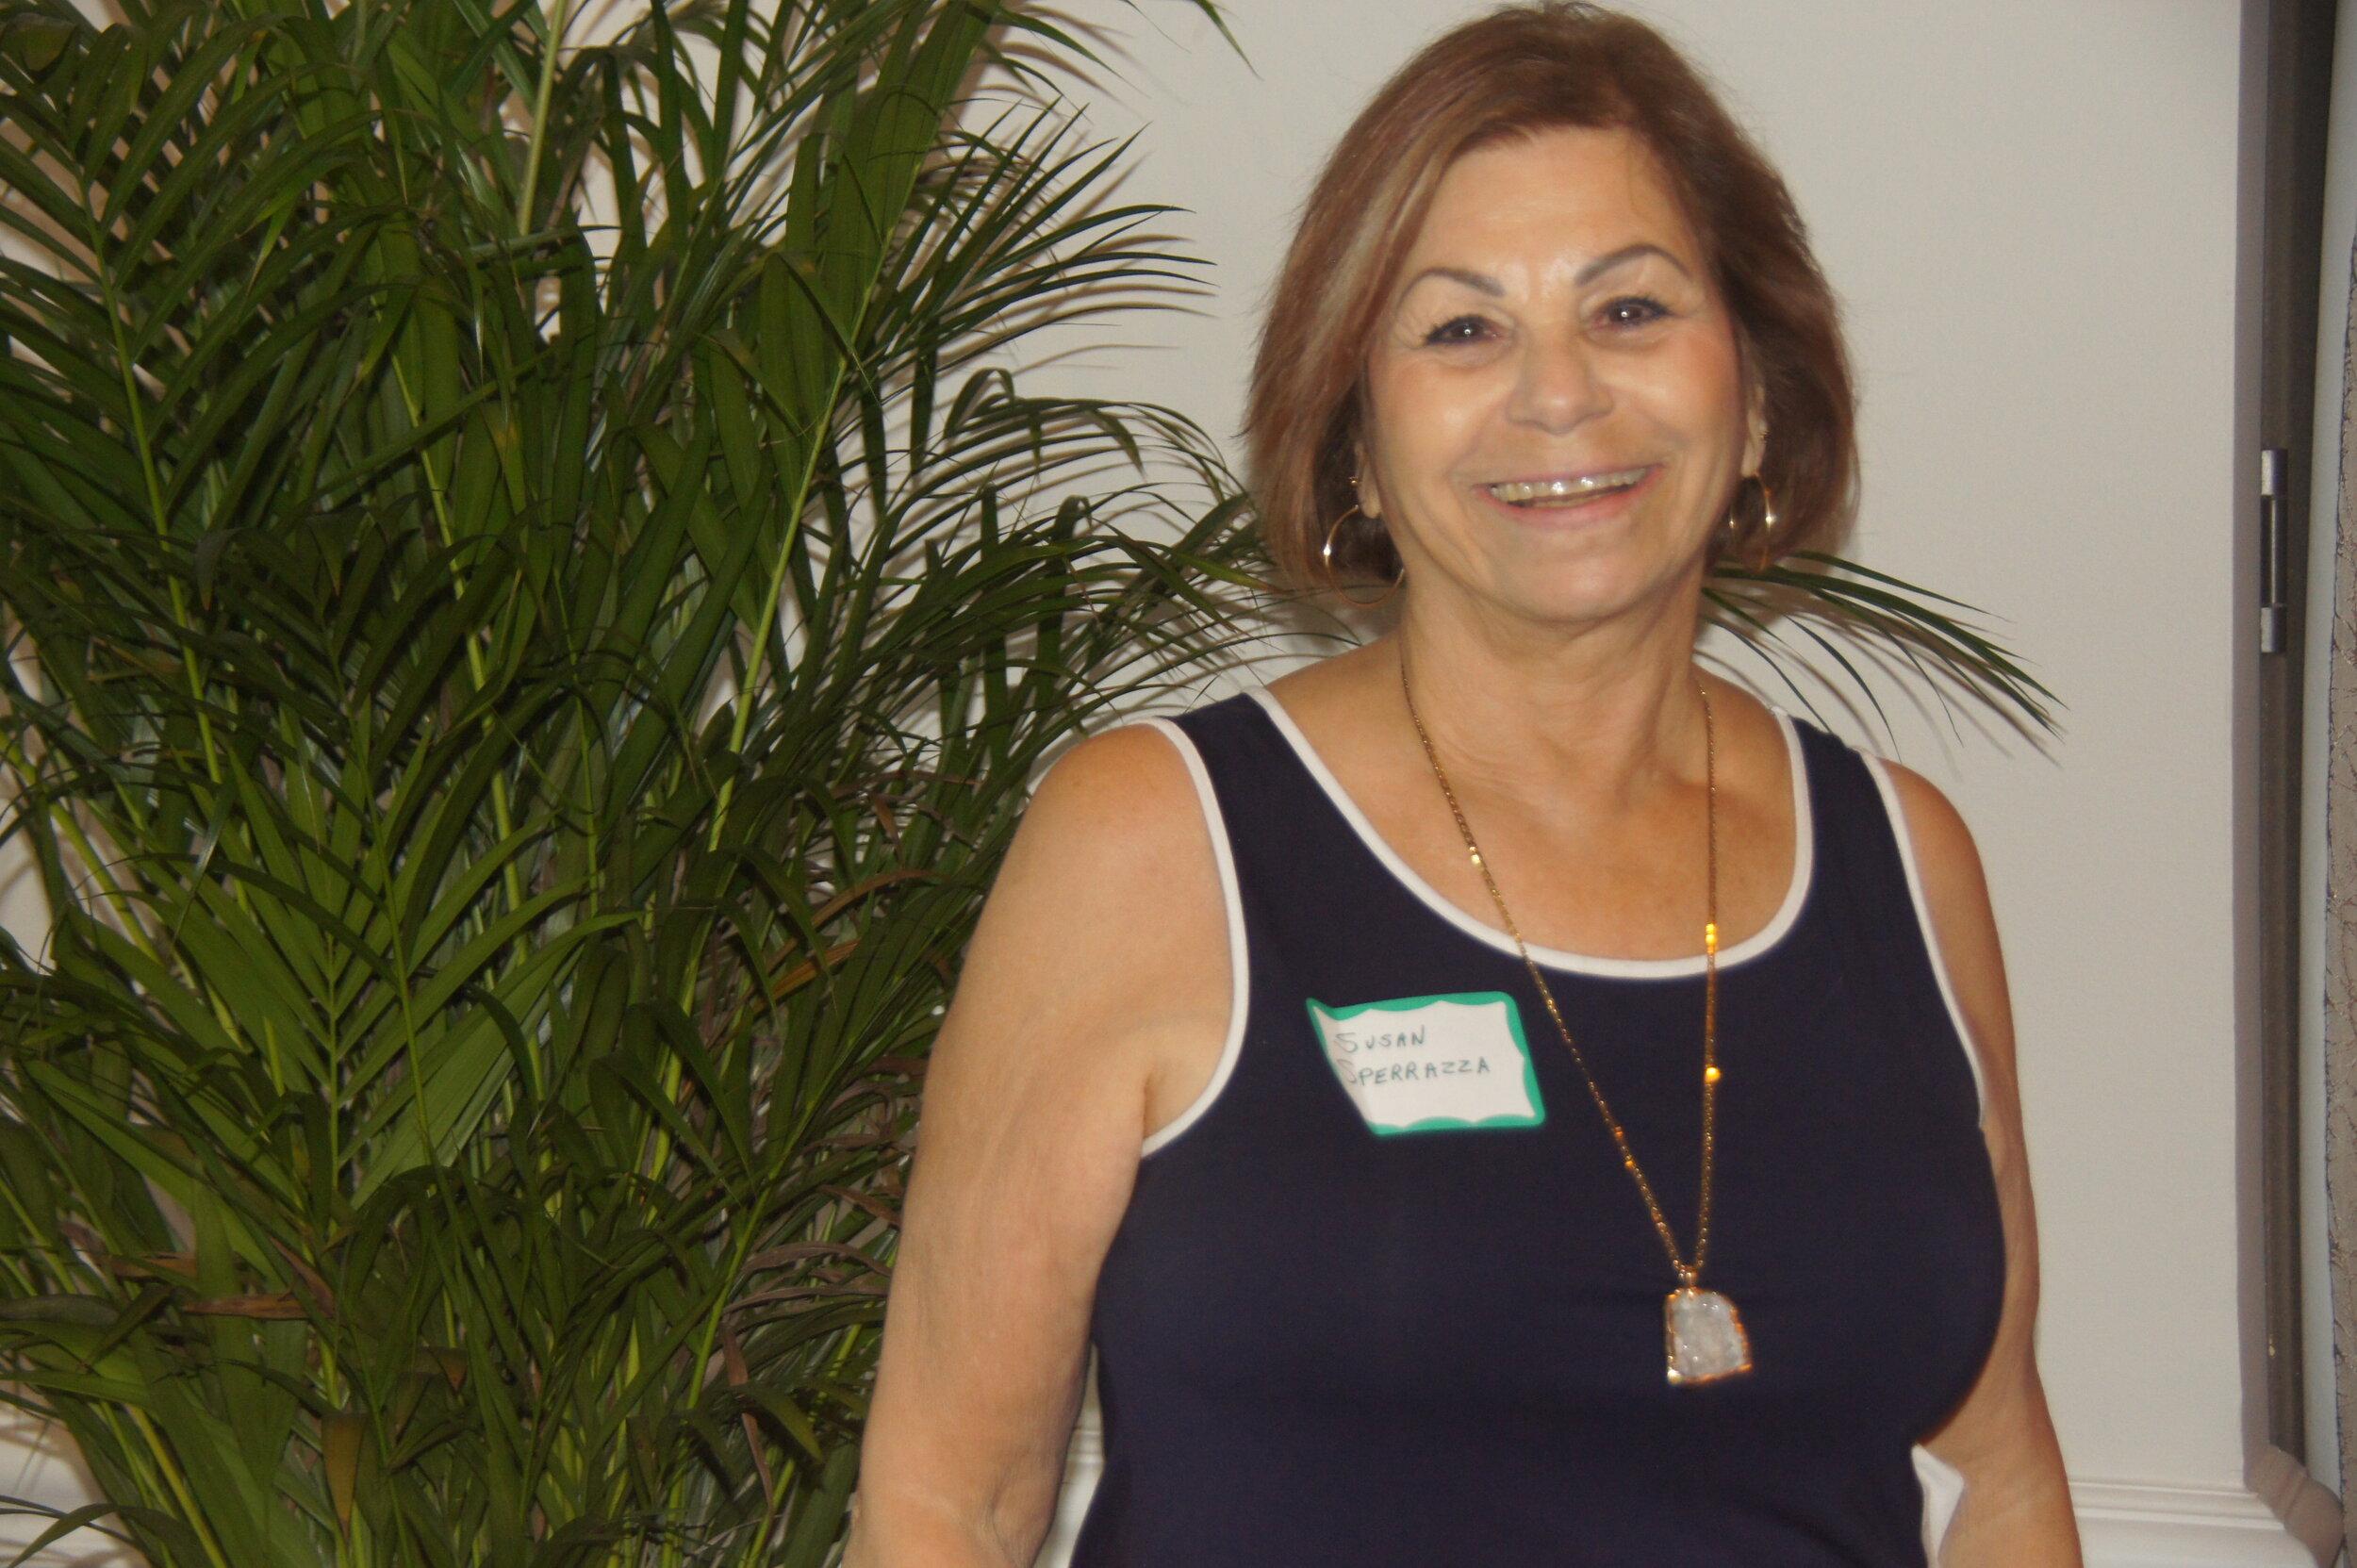 Susan Sperrazza